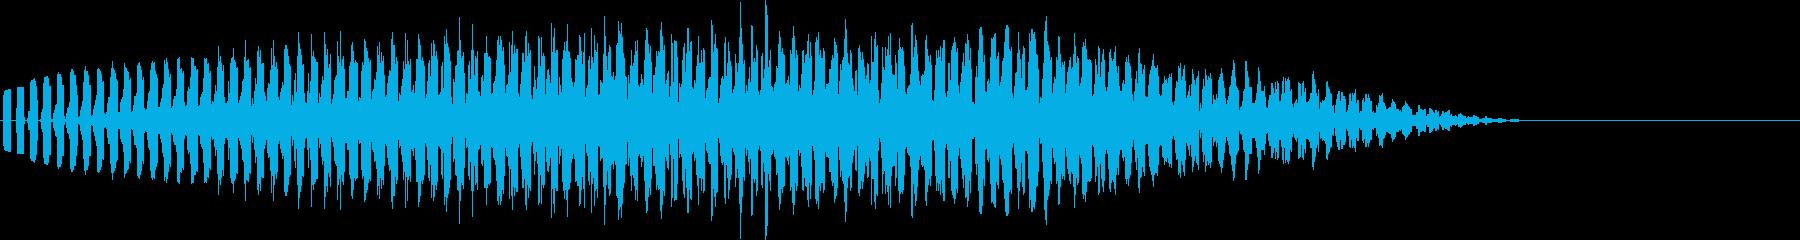 宇宙船が飛び去るような高音の電子音の再生済みの波形